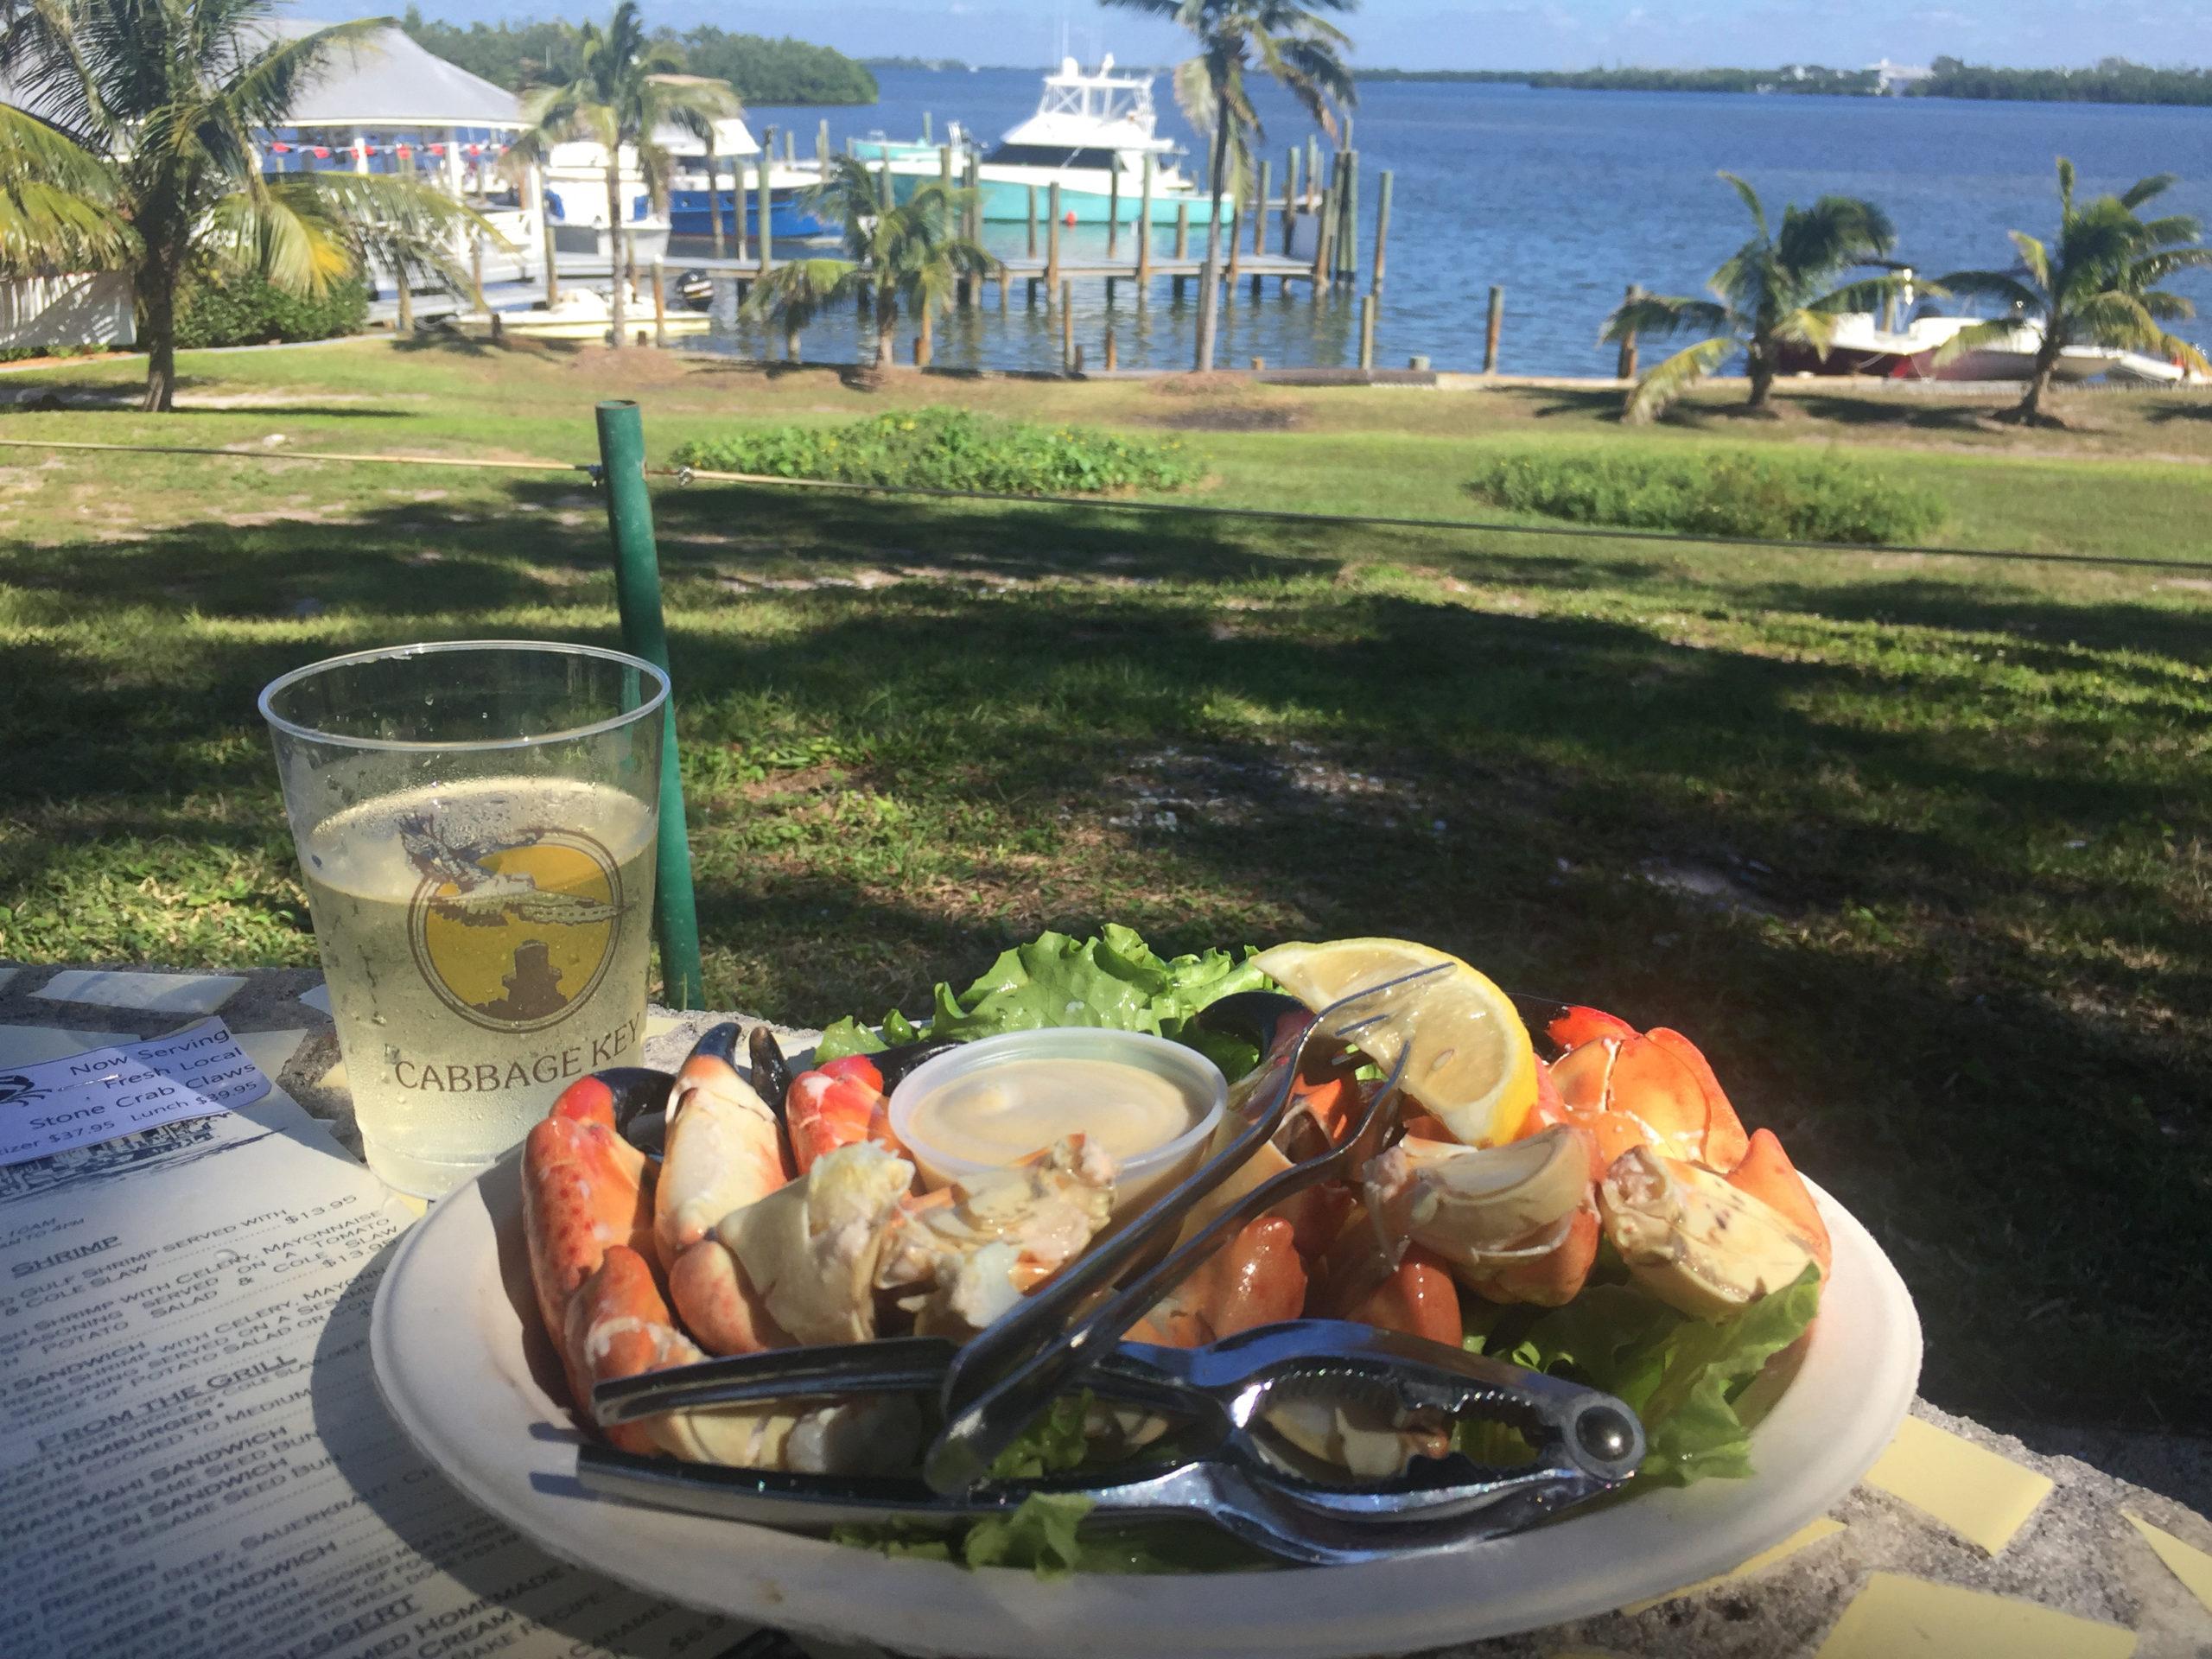 Stone Crab sind die große Spezialität auf Cabbage Key